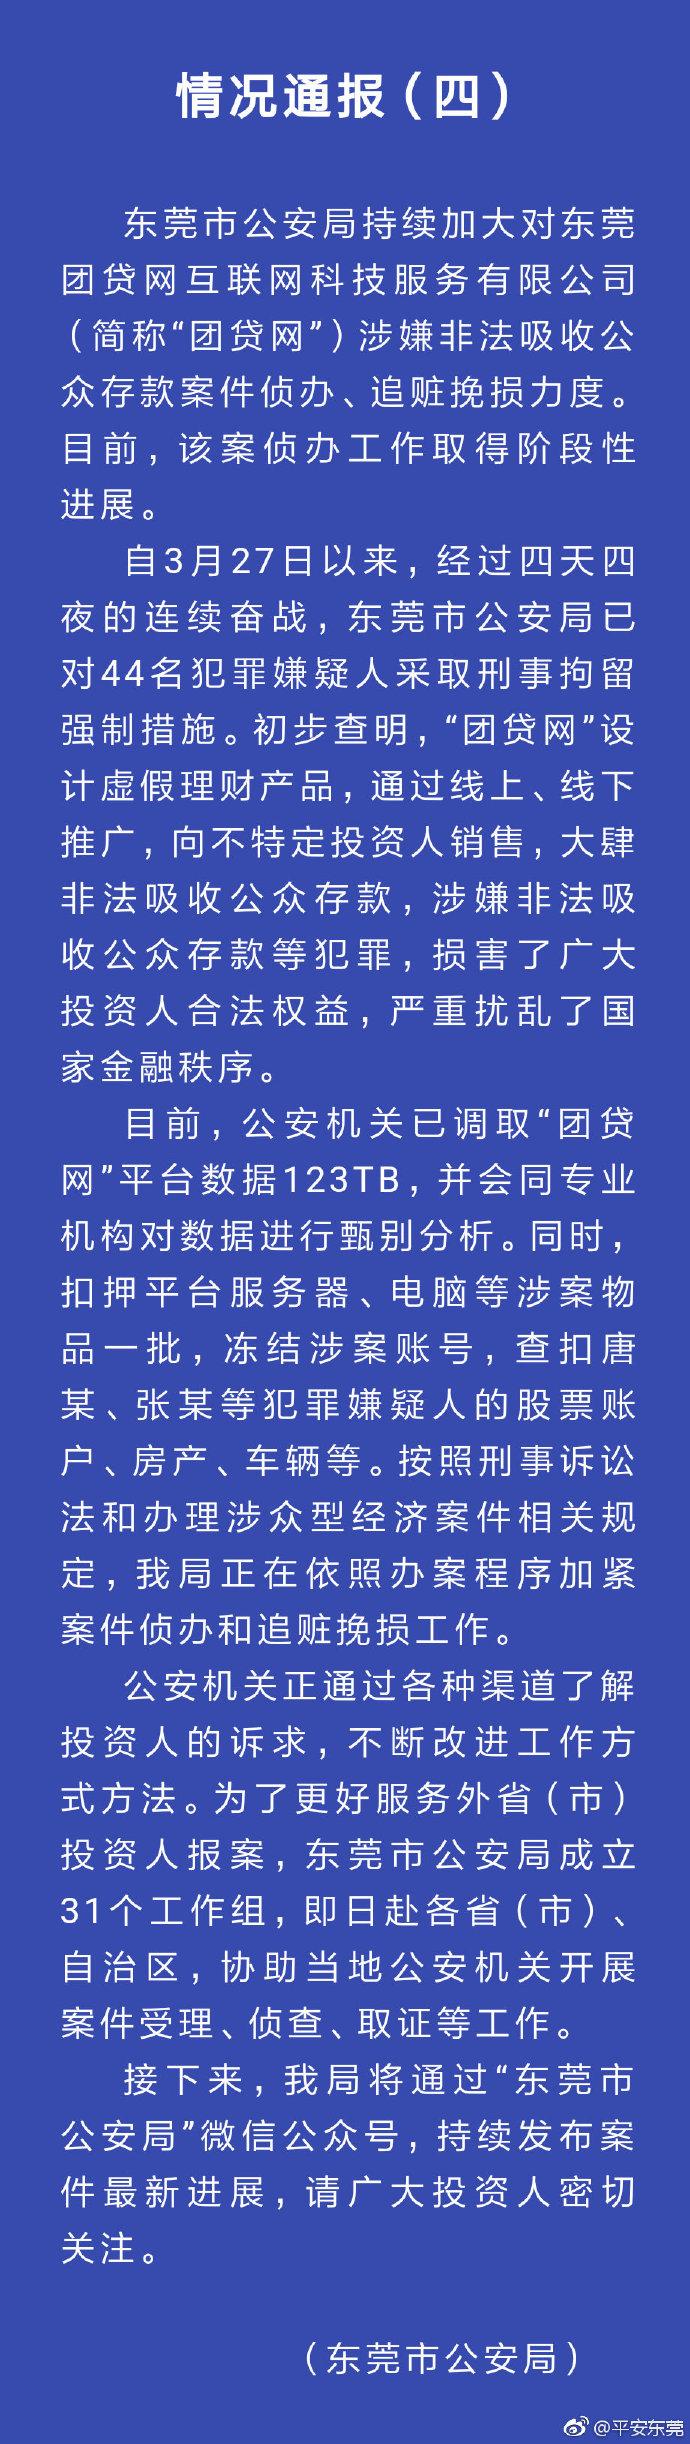 团贷网涉嫌非法吸收公众存款 44名嫌犯已被刑拘